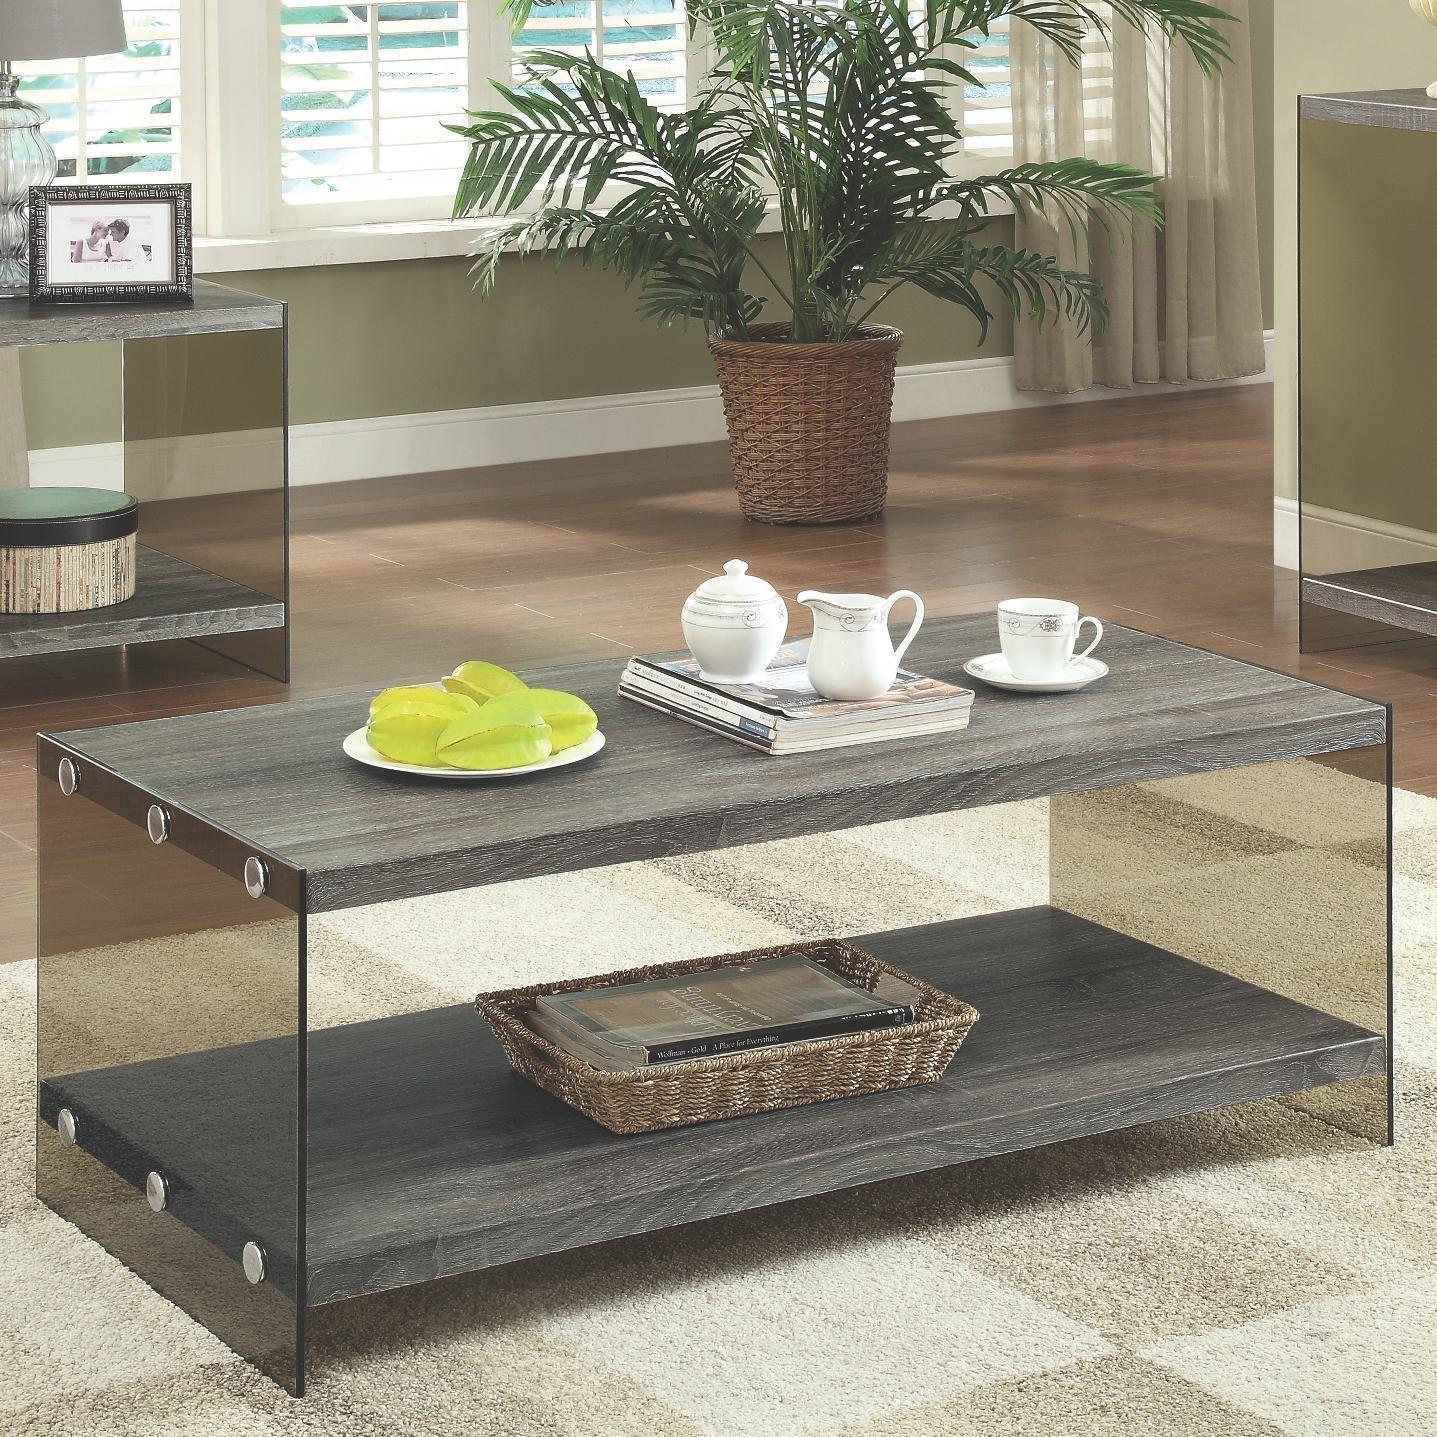 Cs968 Coffee Table 701968 Coaster Furniture Coffee Tables In 2021 Coffee Table Coffee Table Wood Coffee Table Setting [ 1437 x 1437 Pixel ]